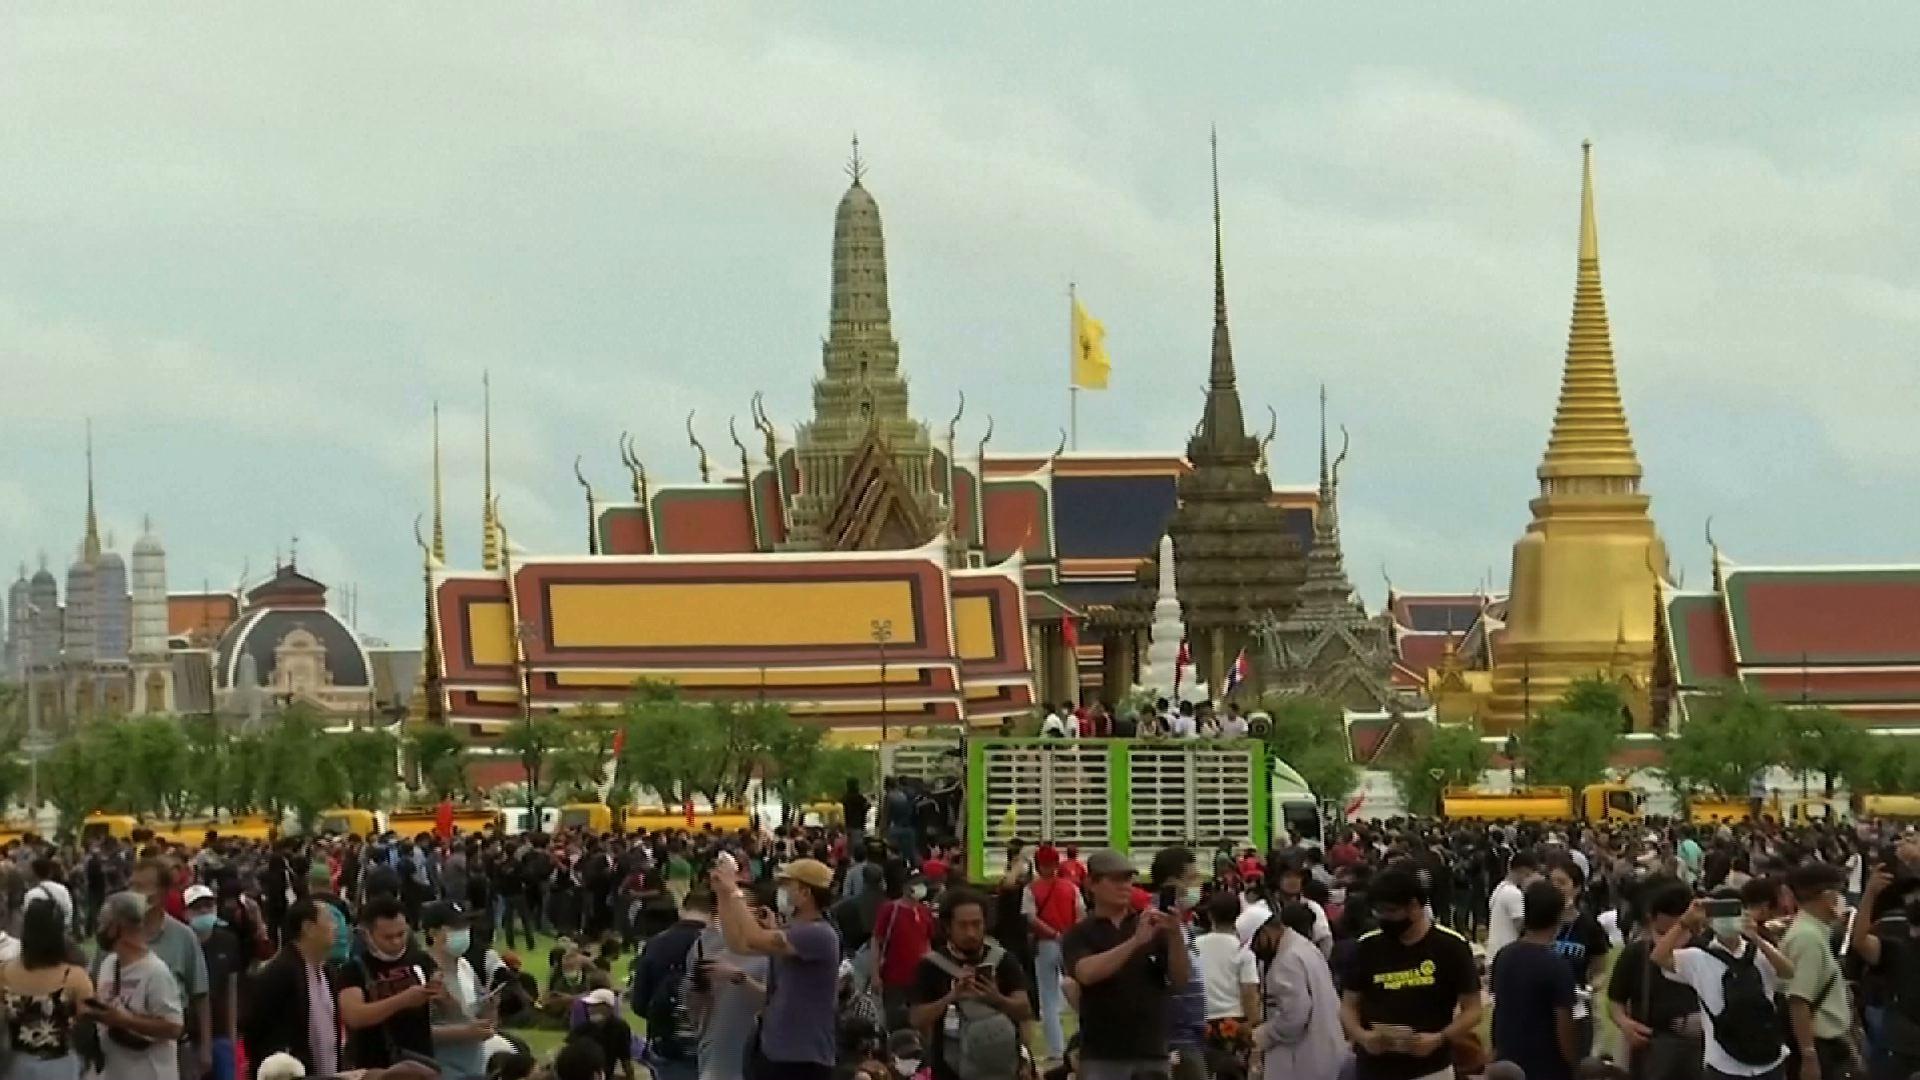 Cuộc biểu tình lớn nhất của Thái Lan trong nhiều năm qua nhắm vào chính phủ và chế độ quân chủ